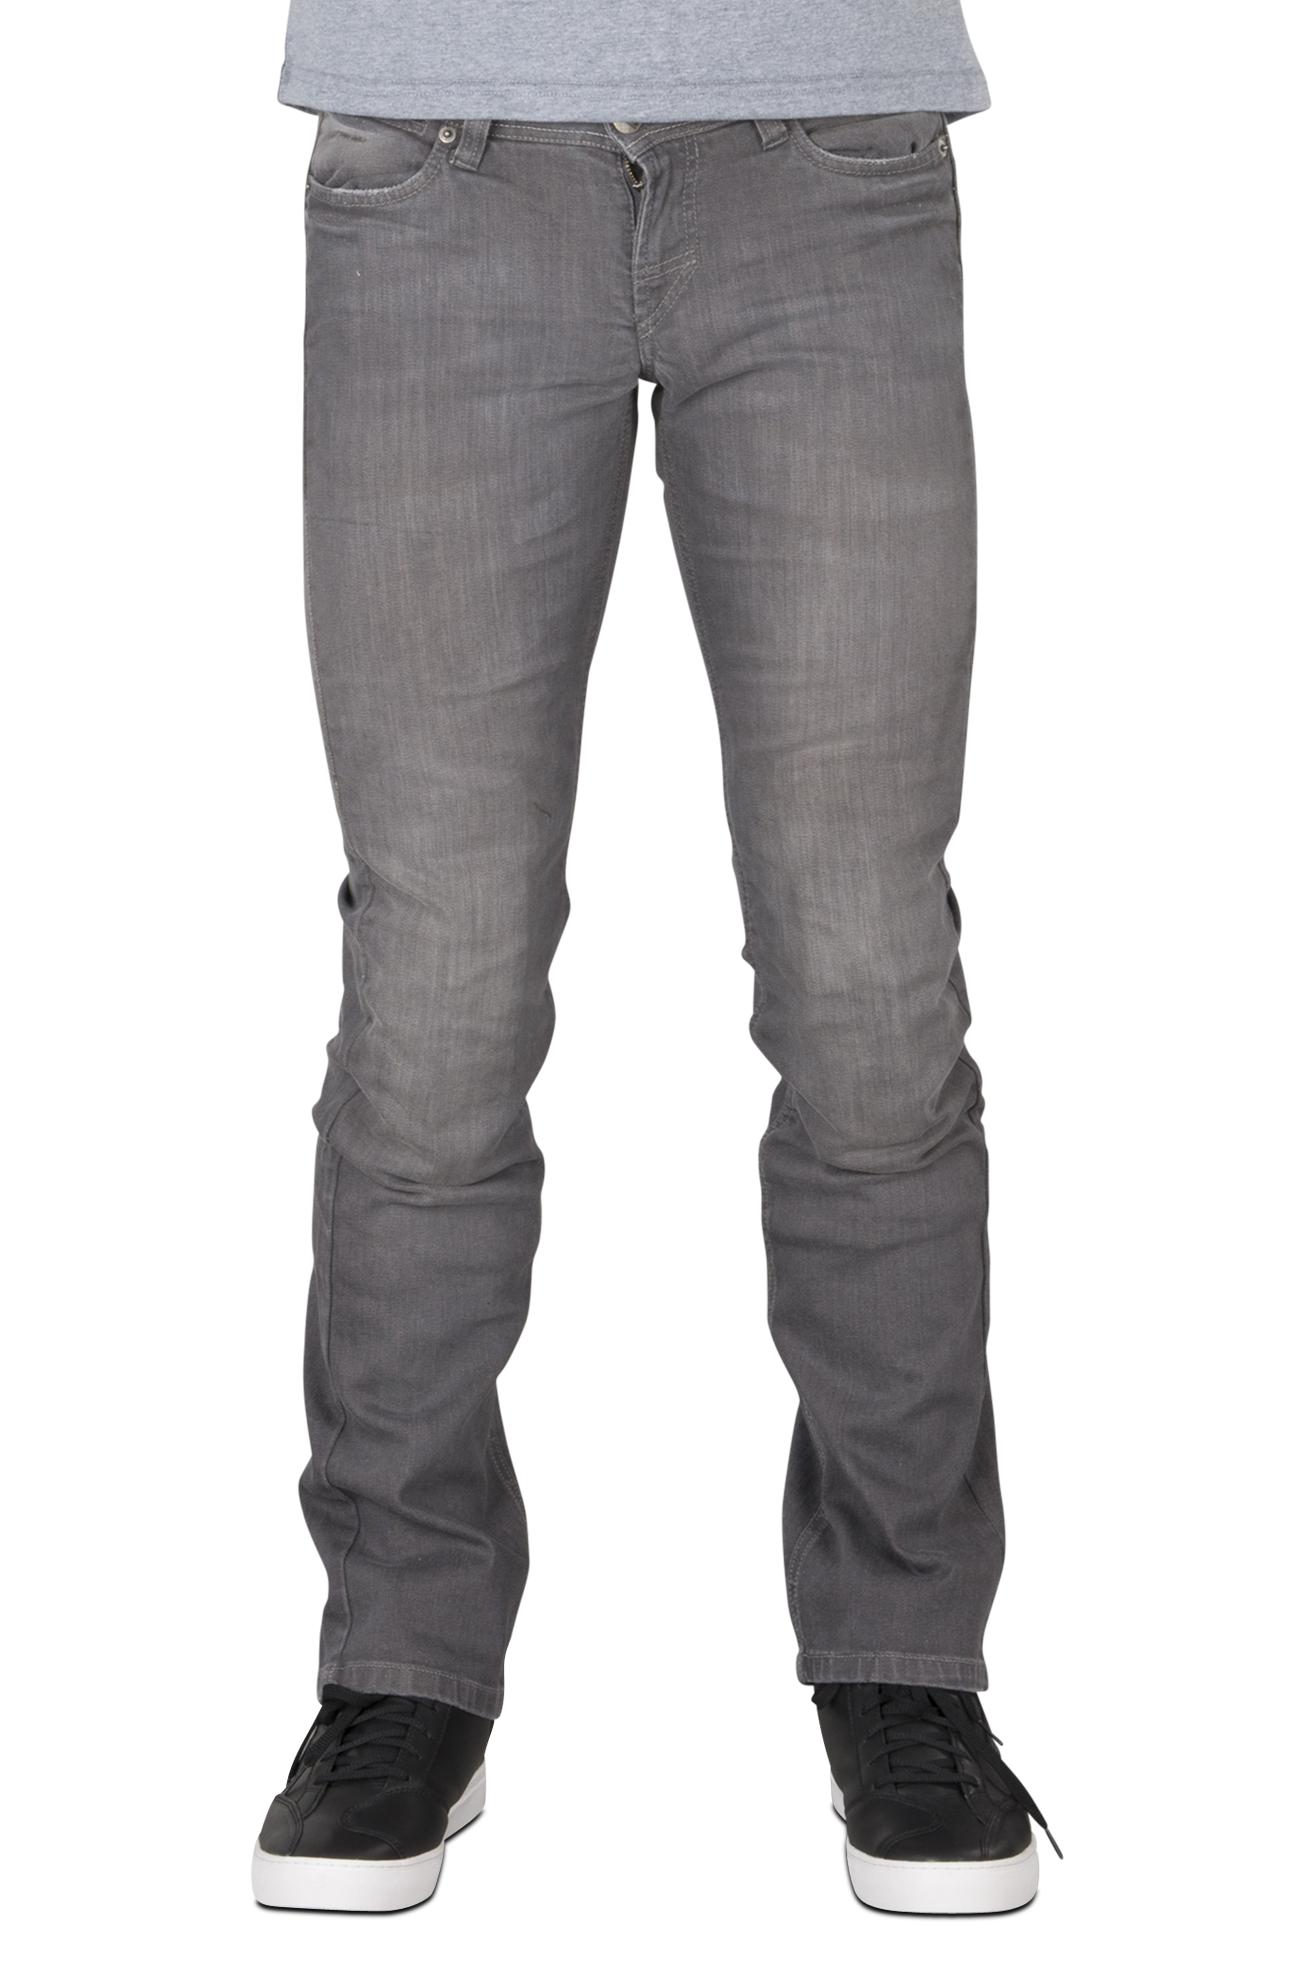 iXS Jeans Donna  Wyatt Grigio